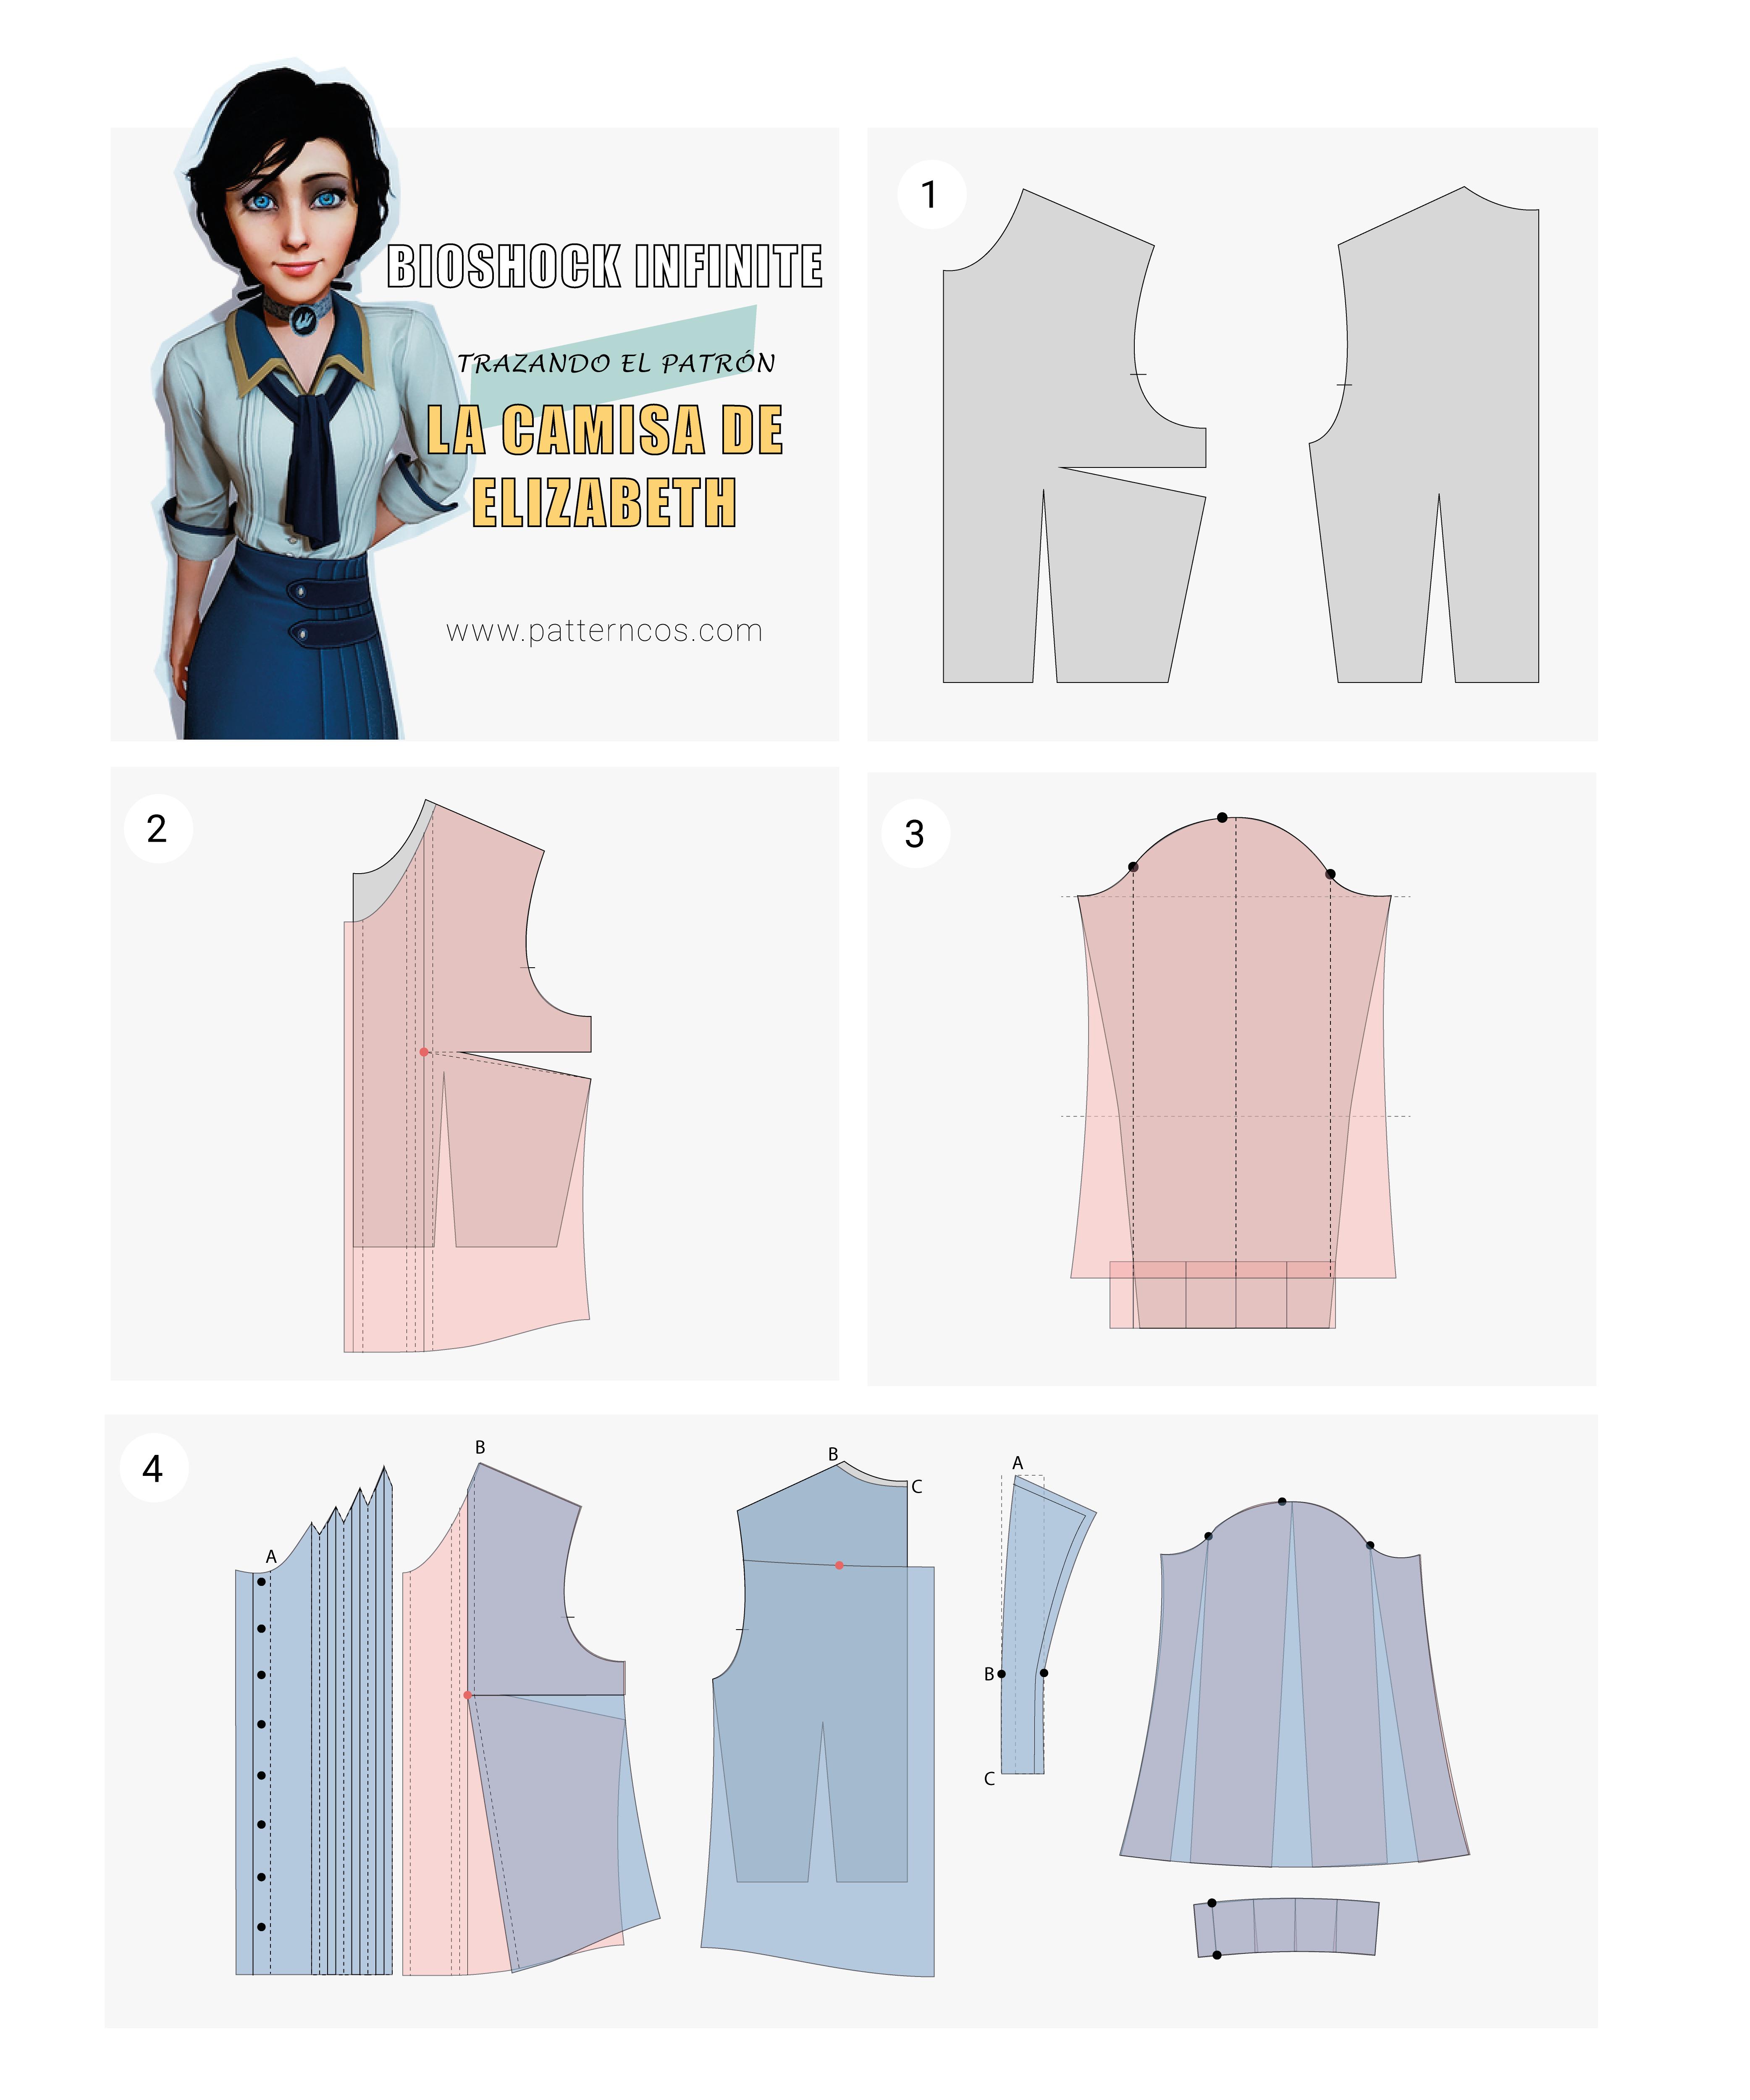 Cómo hacer la camisa de Elizabeth | Cosplay Tutorial | Bioshock ...